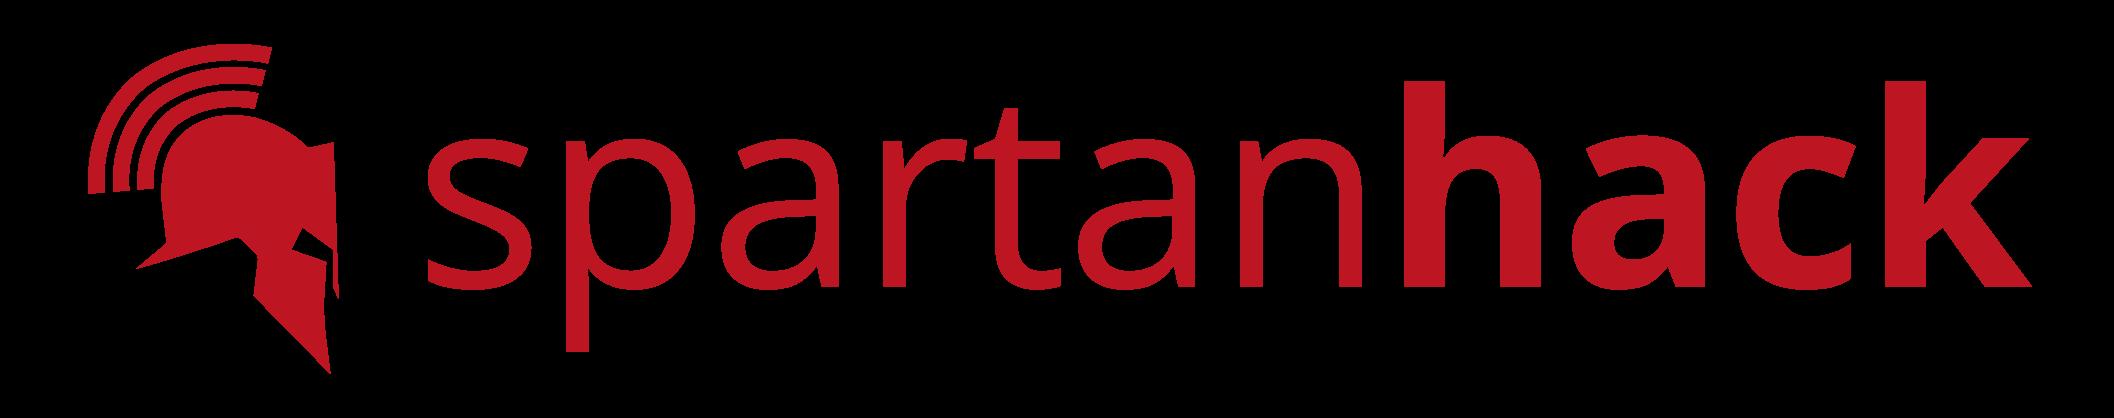 spartanhack